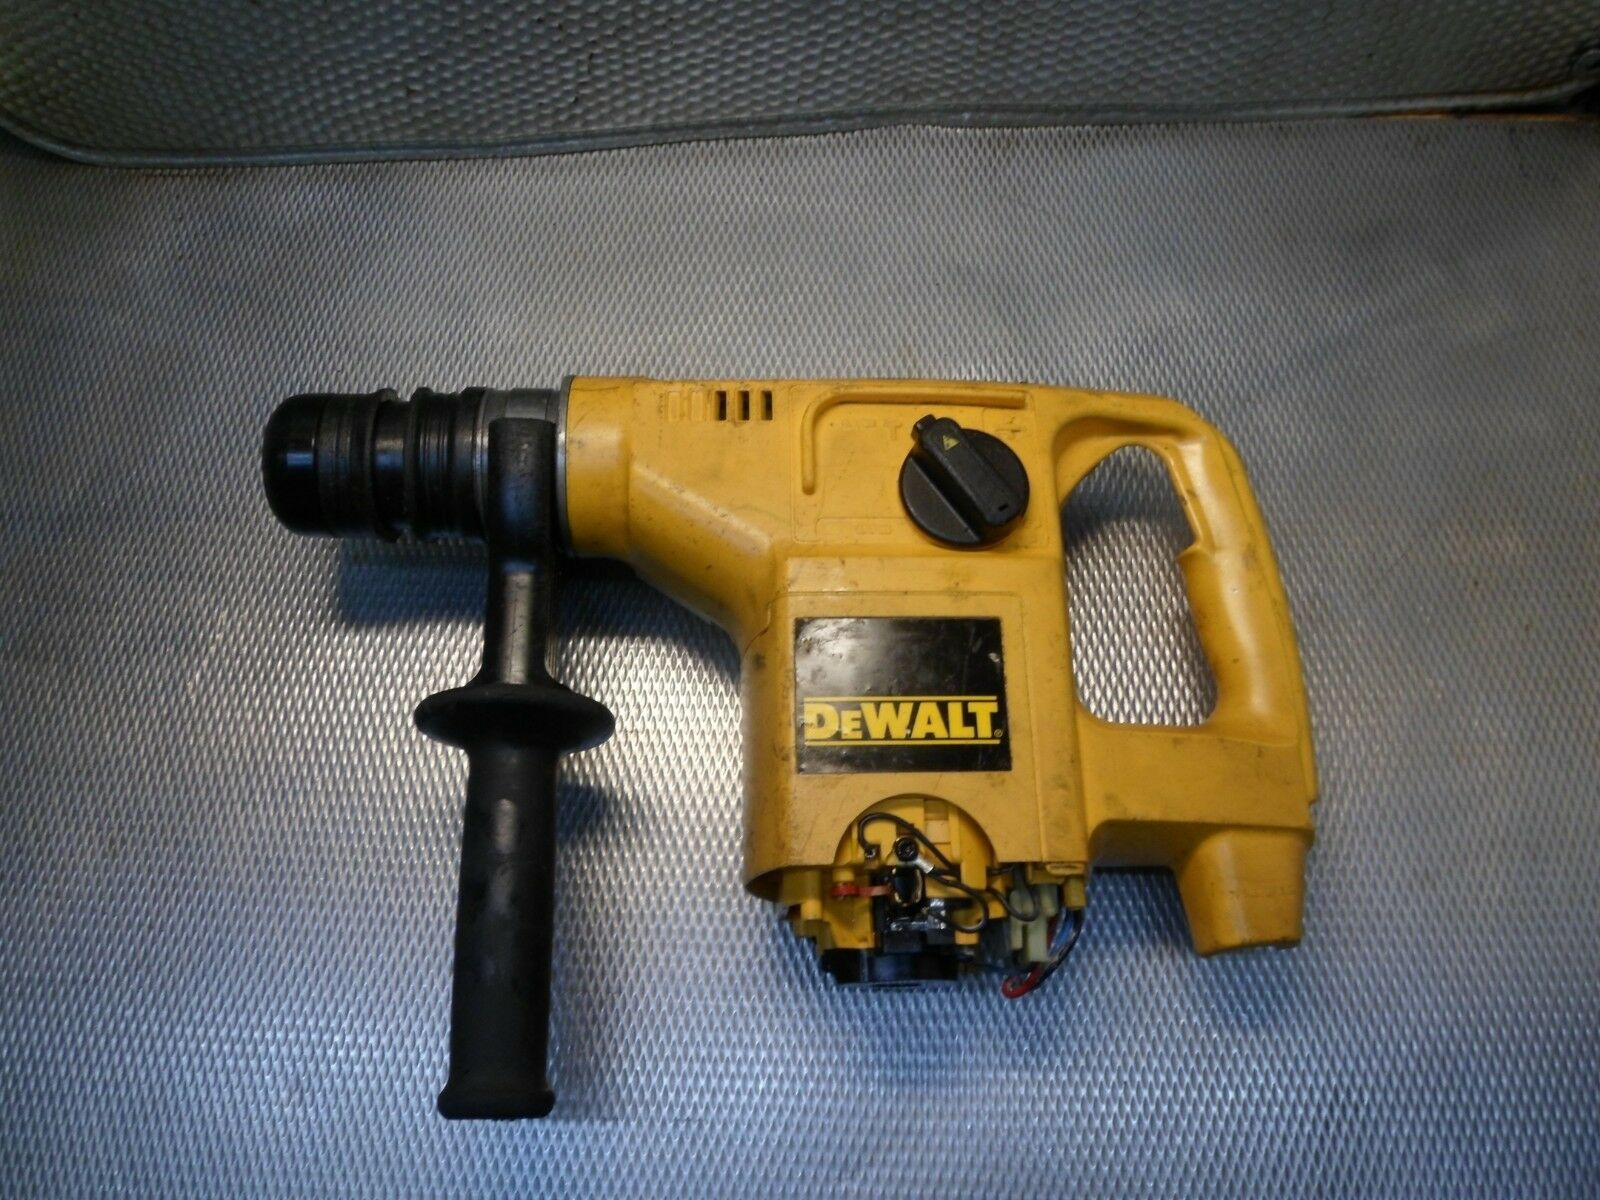 Dewalt Bohrhammer DW570   QS01